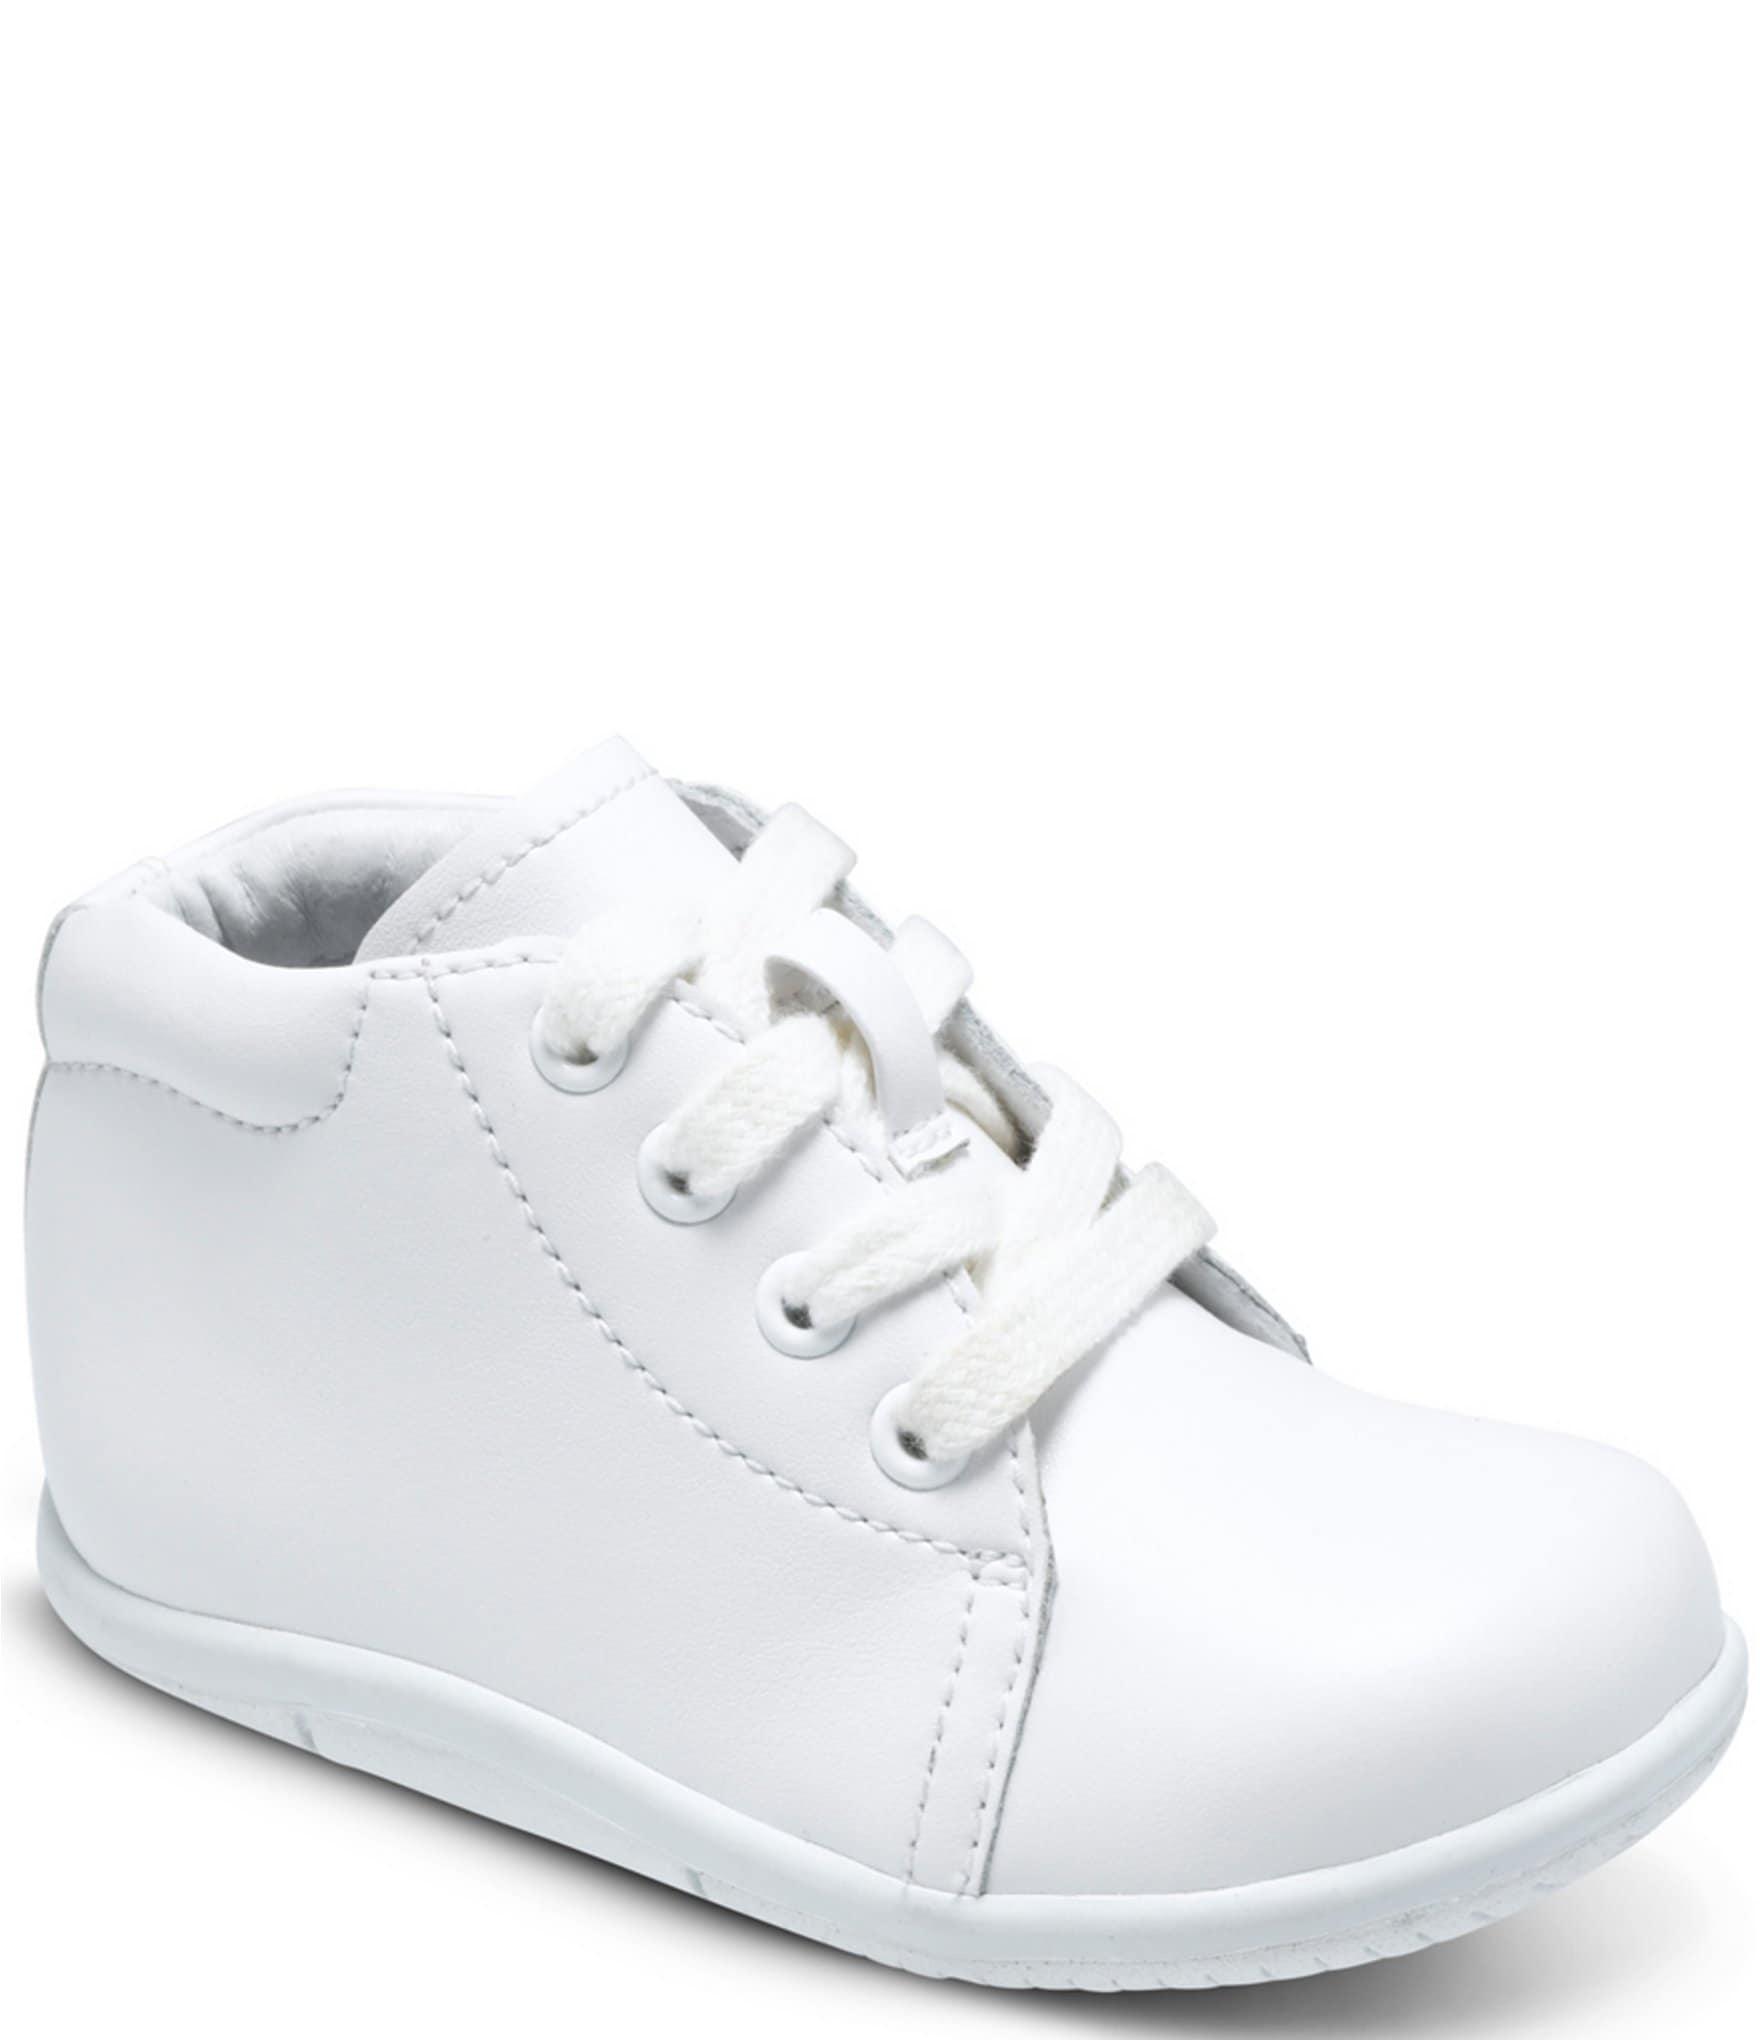 Stride Rite Infant Srt Elliot Walker Shoes Dillards